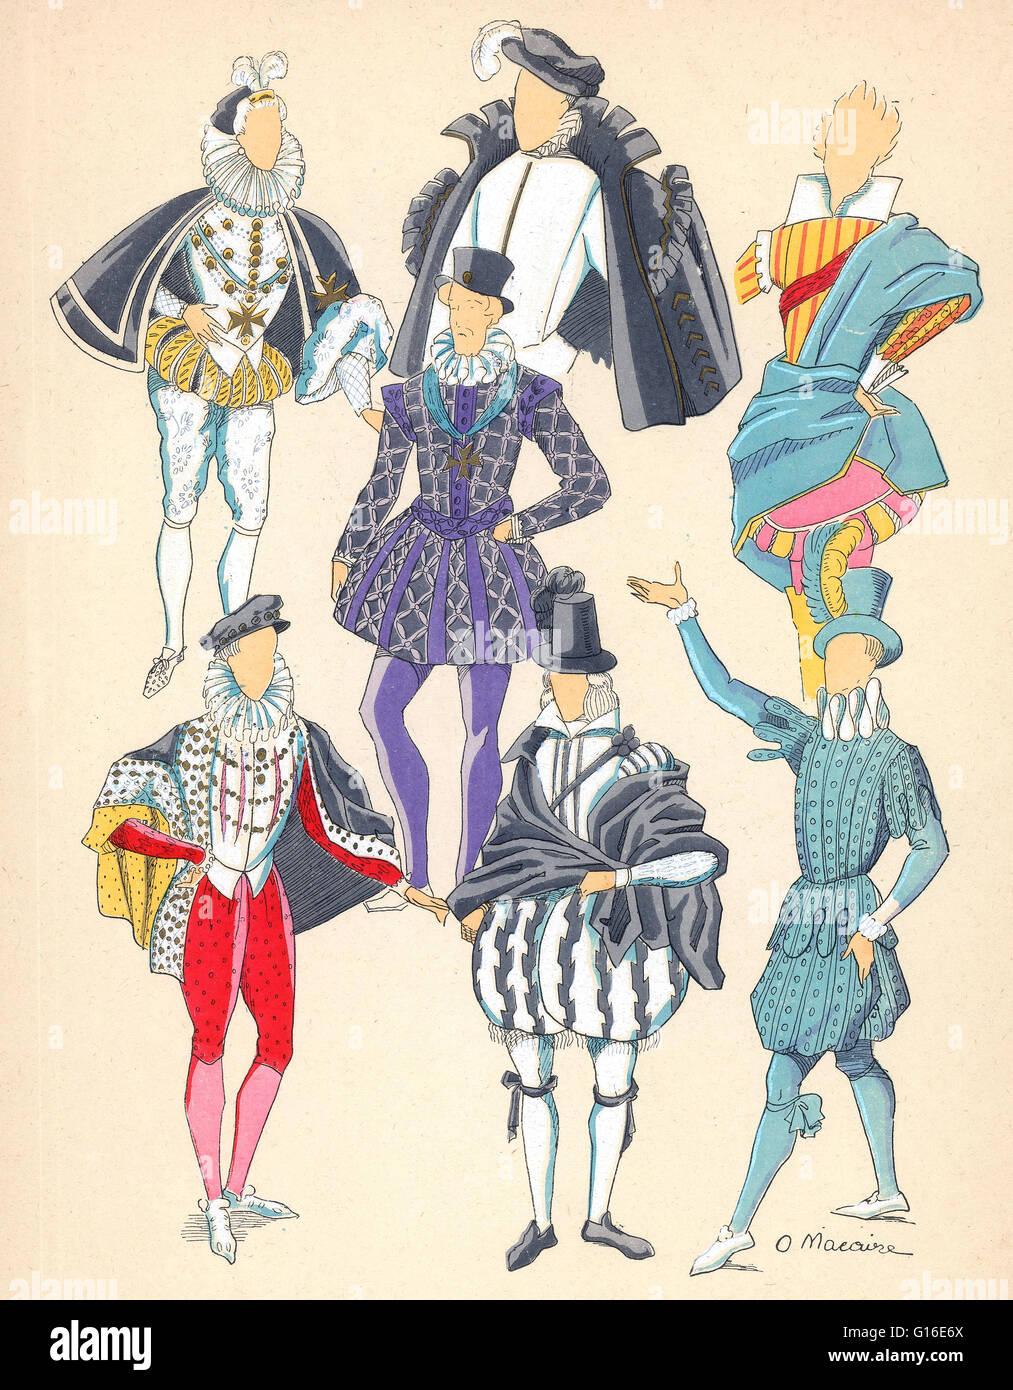 """Titulado: """"en las diversas prendas de vestir desde el Renacimiento."""" La moda renacentista está marcada Imagen De Stock"""